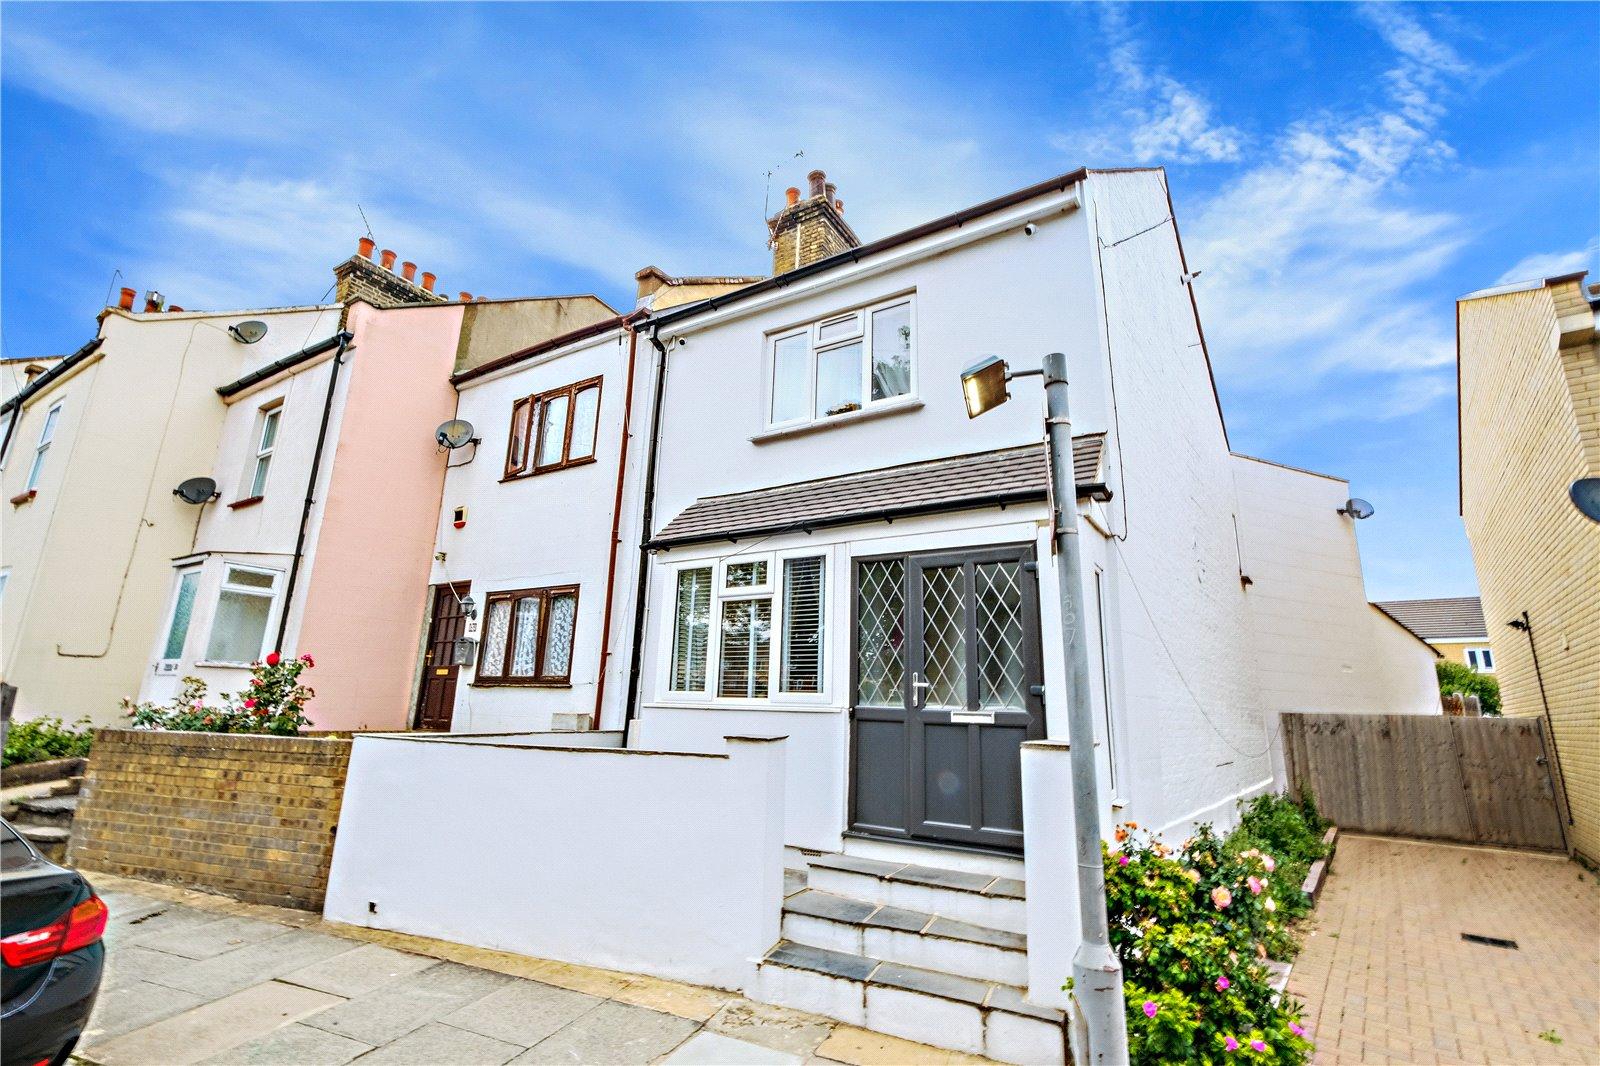 Swanscombe Street, Swanscombe, Kent, DA10